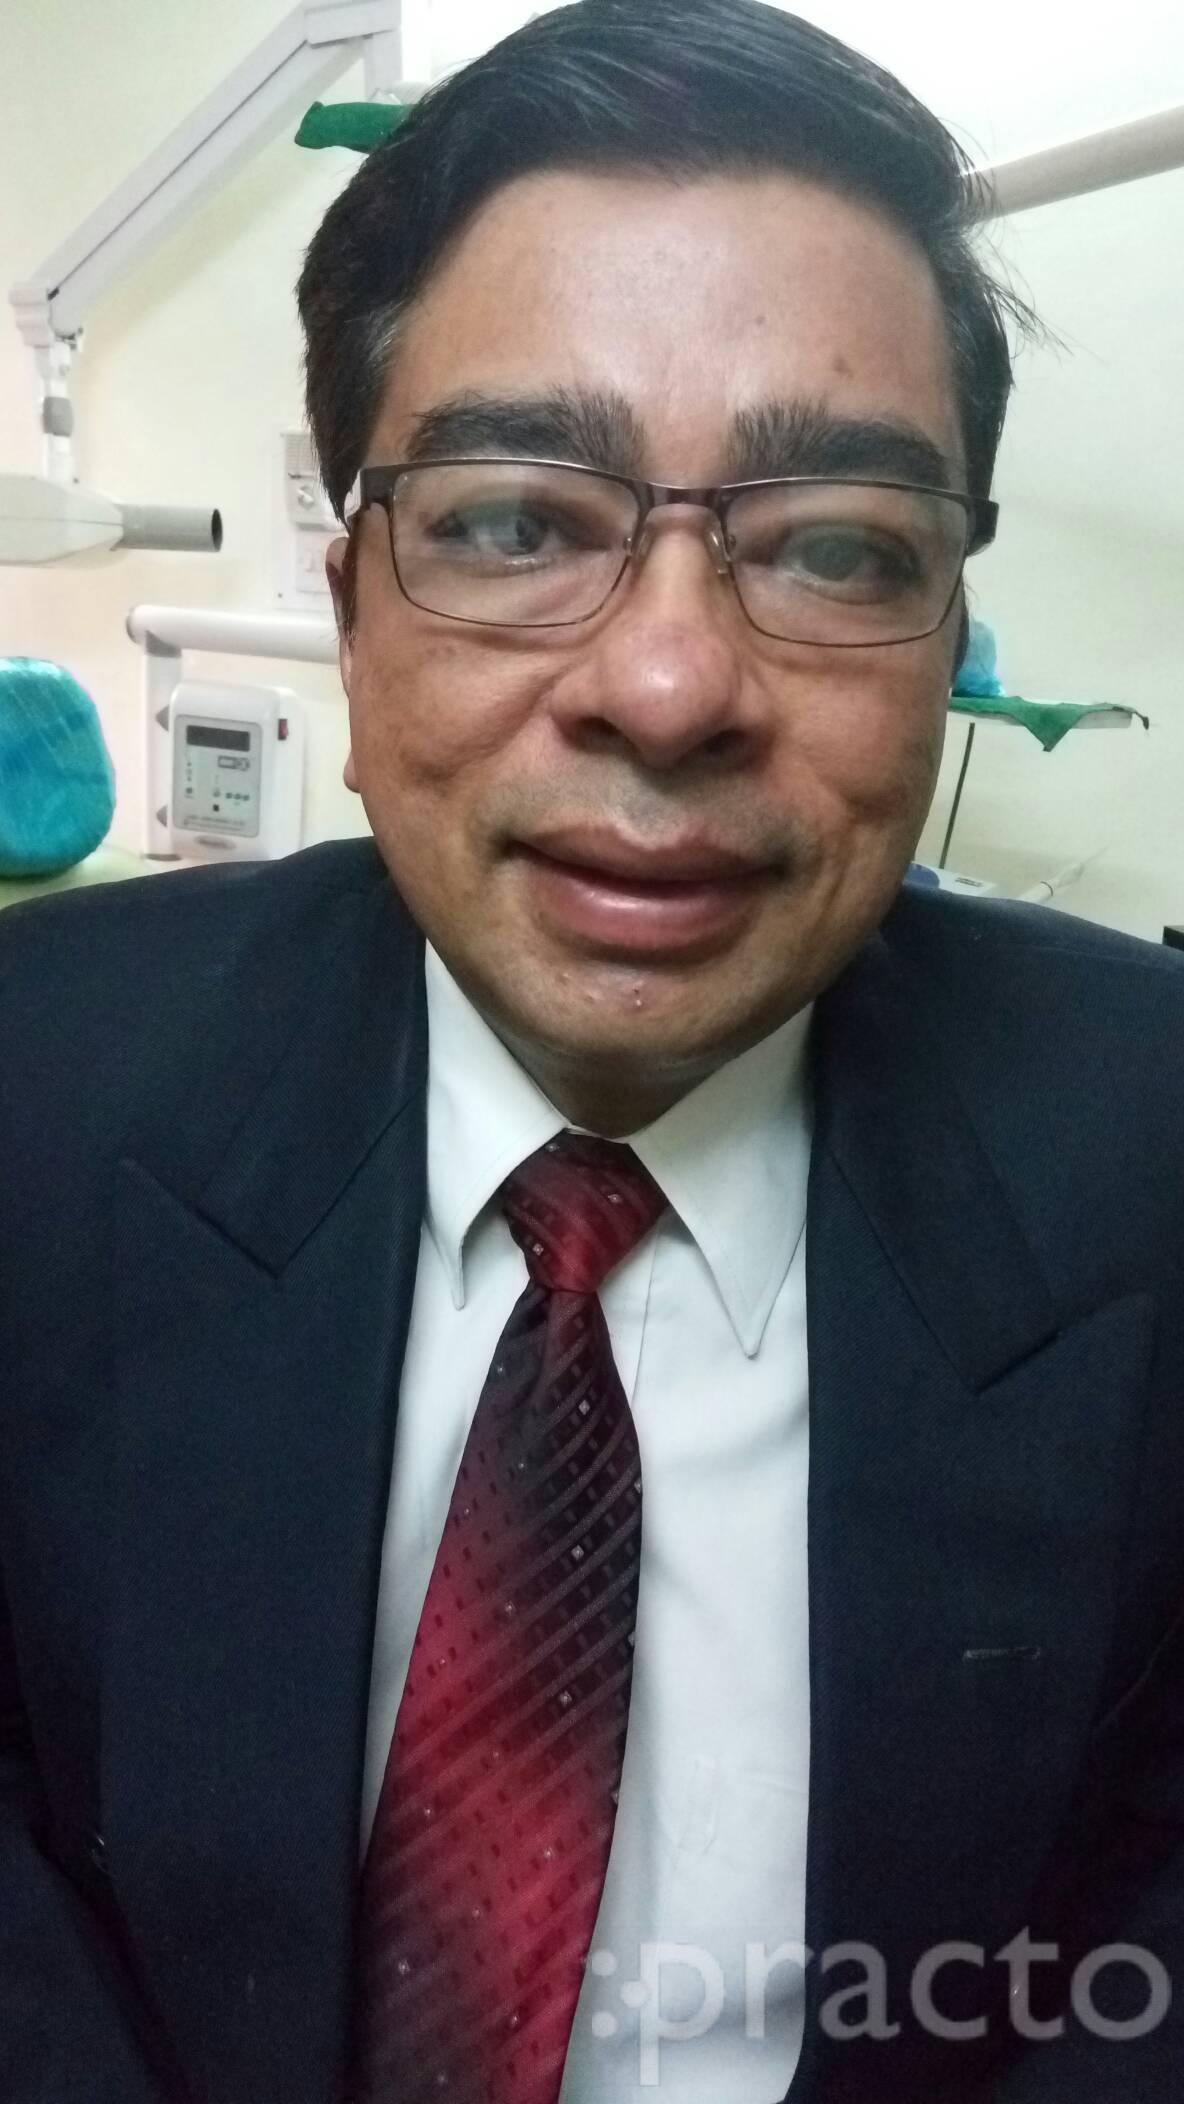 Dr. Vimish Sahai Jain - Dentist